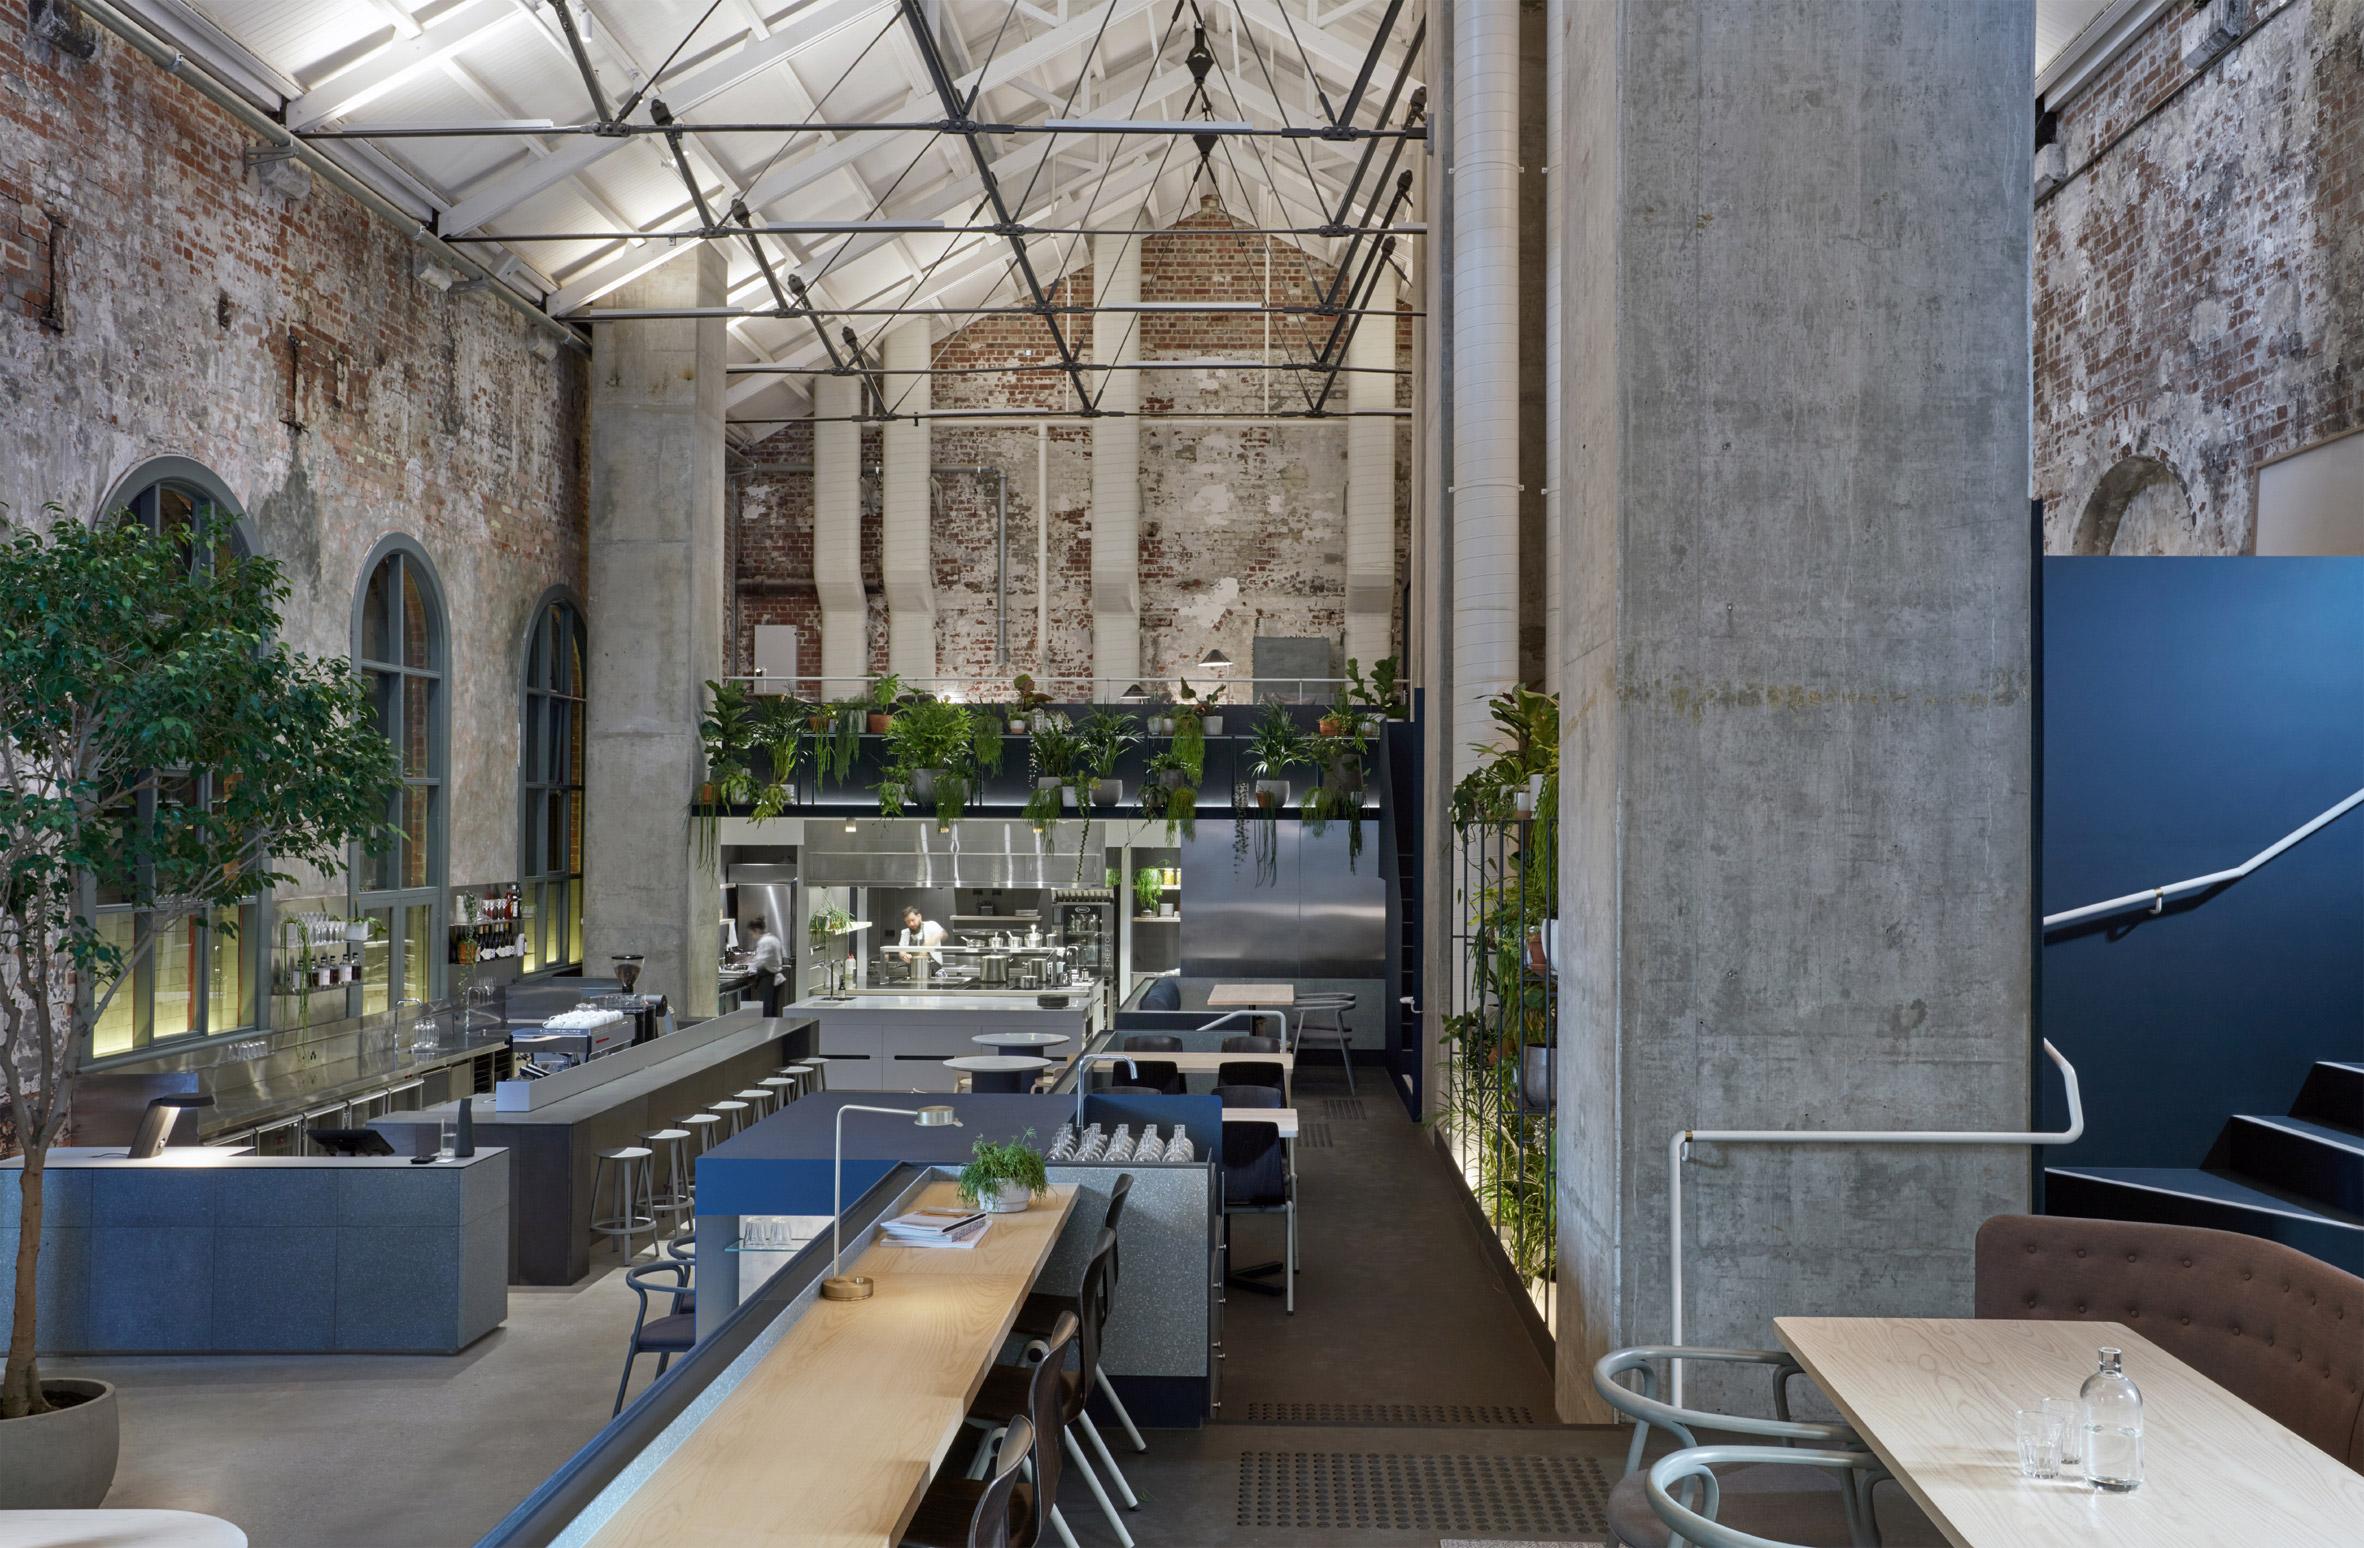 higher-ground-design-office-interior-melbourne-australia_dezeen_2364_col_6-1